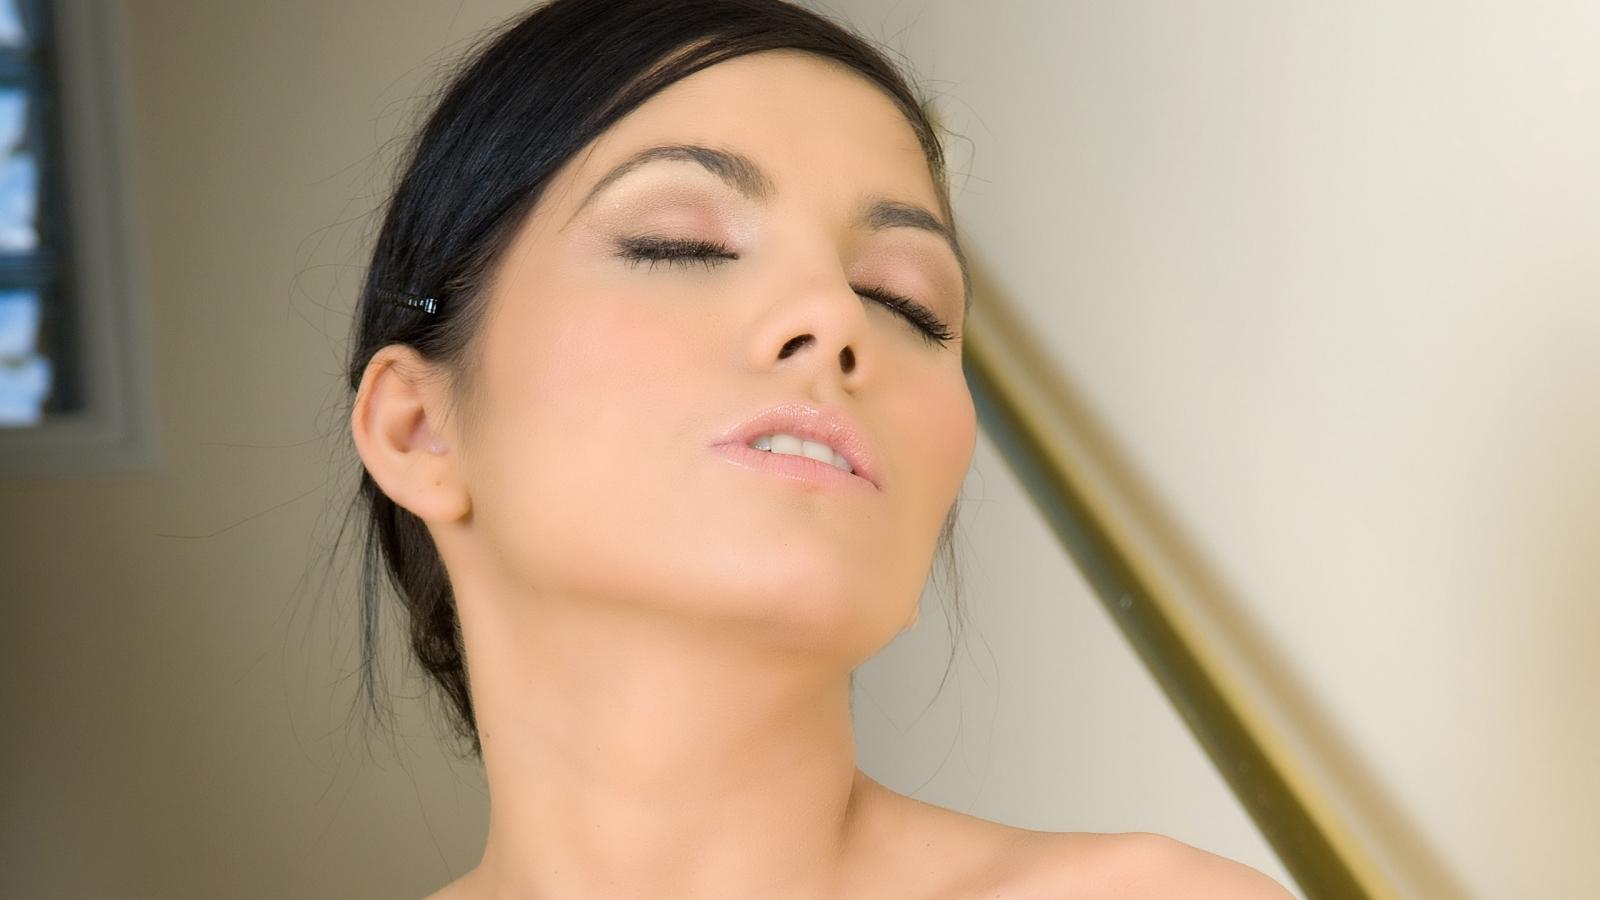 Rostros hermosos de mujeres - 1600x900